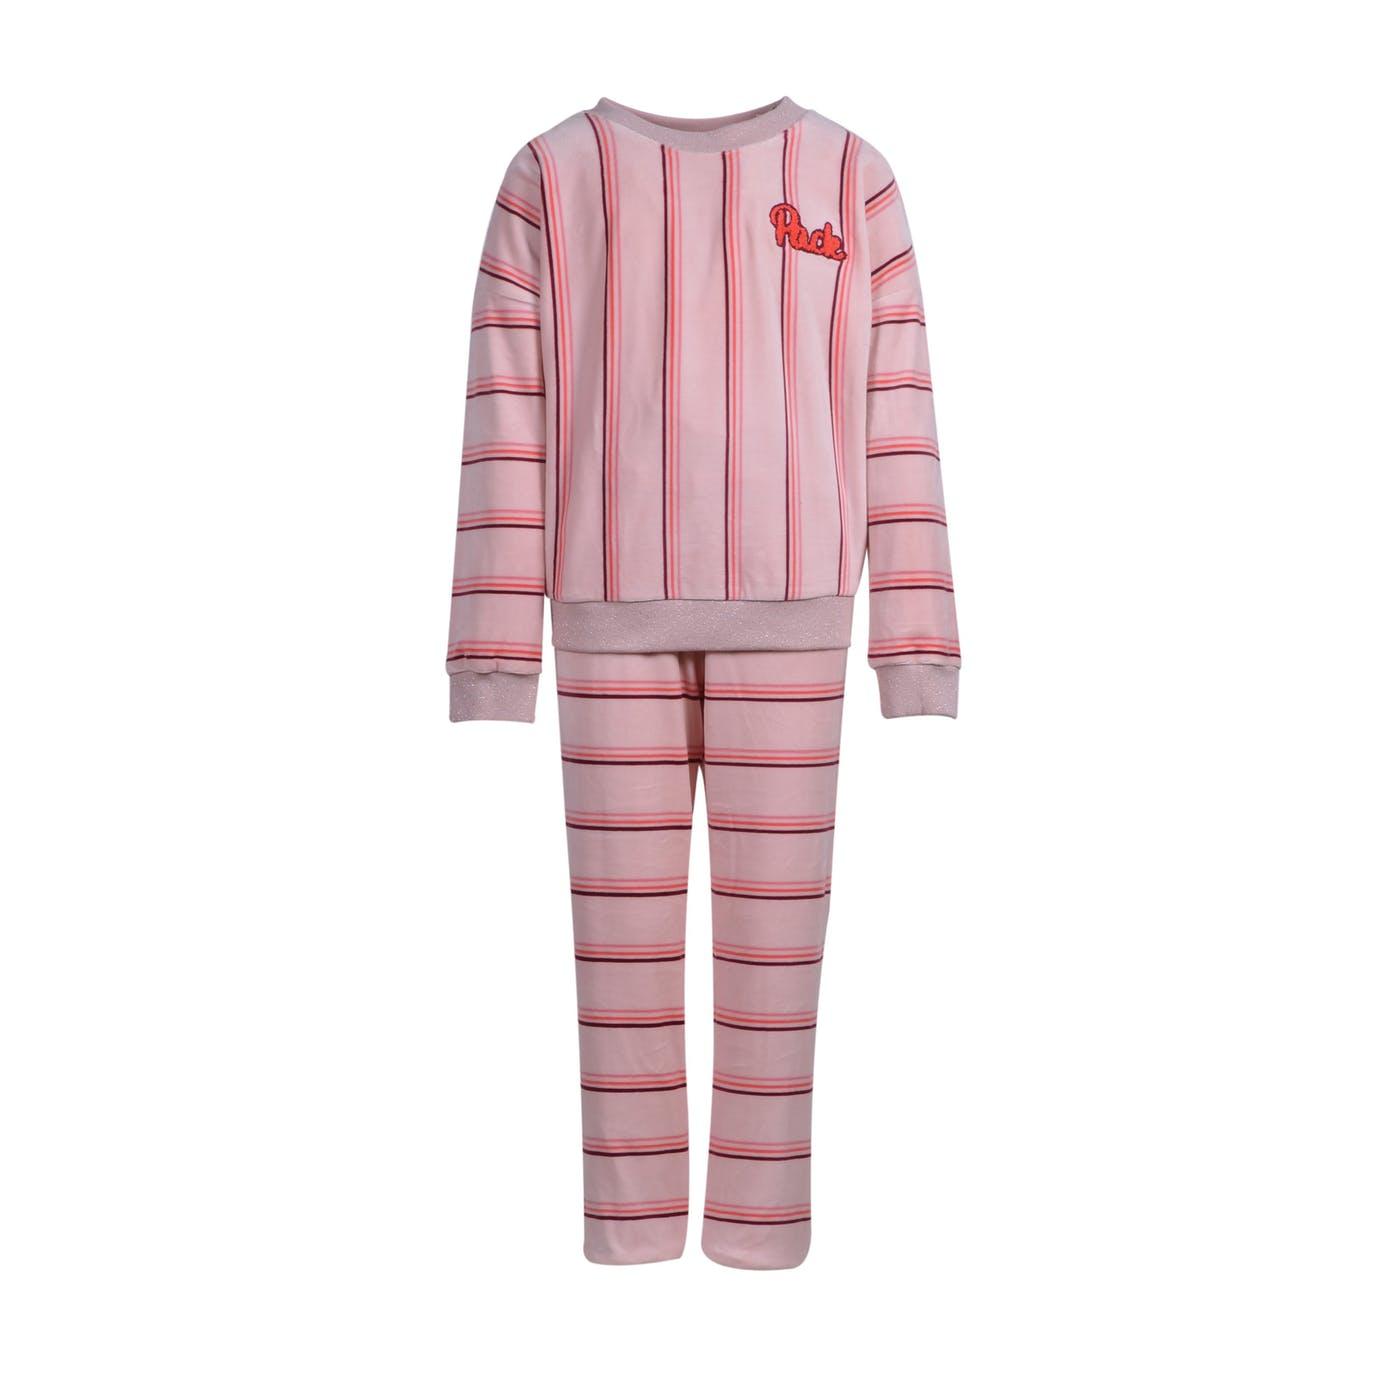 Woody Meisjes-Dames sweater en broek, roze